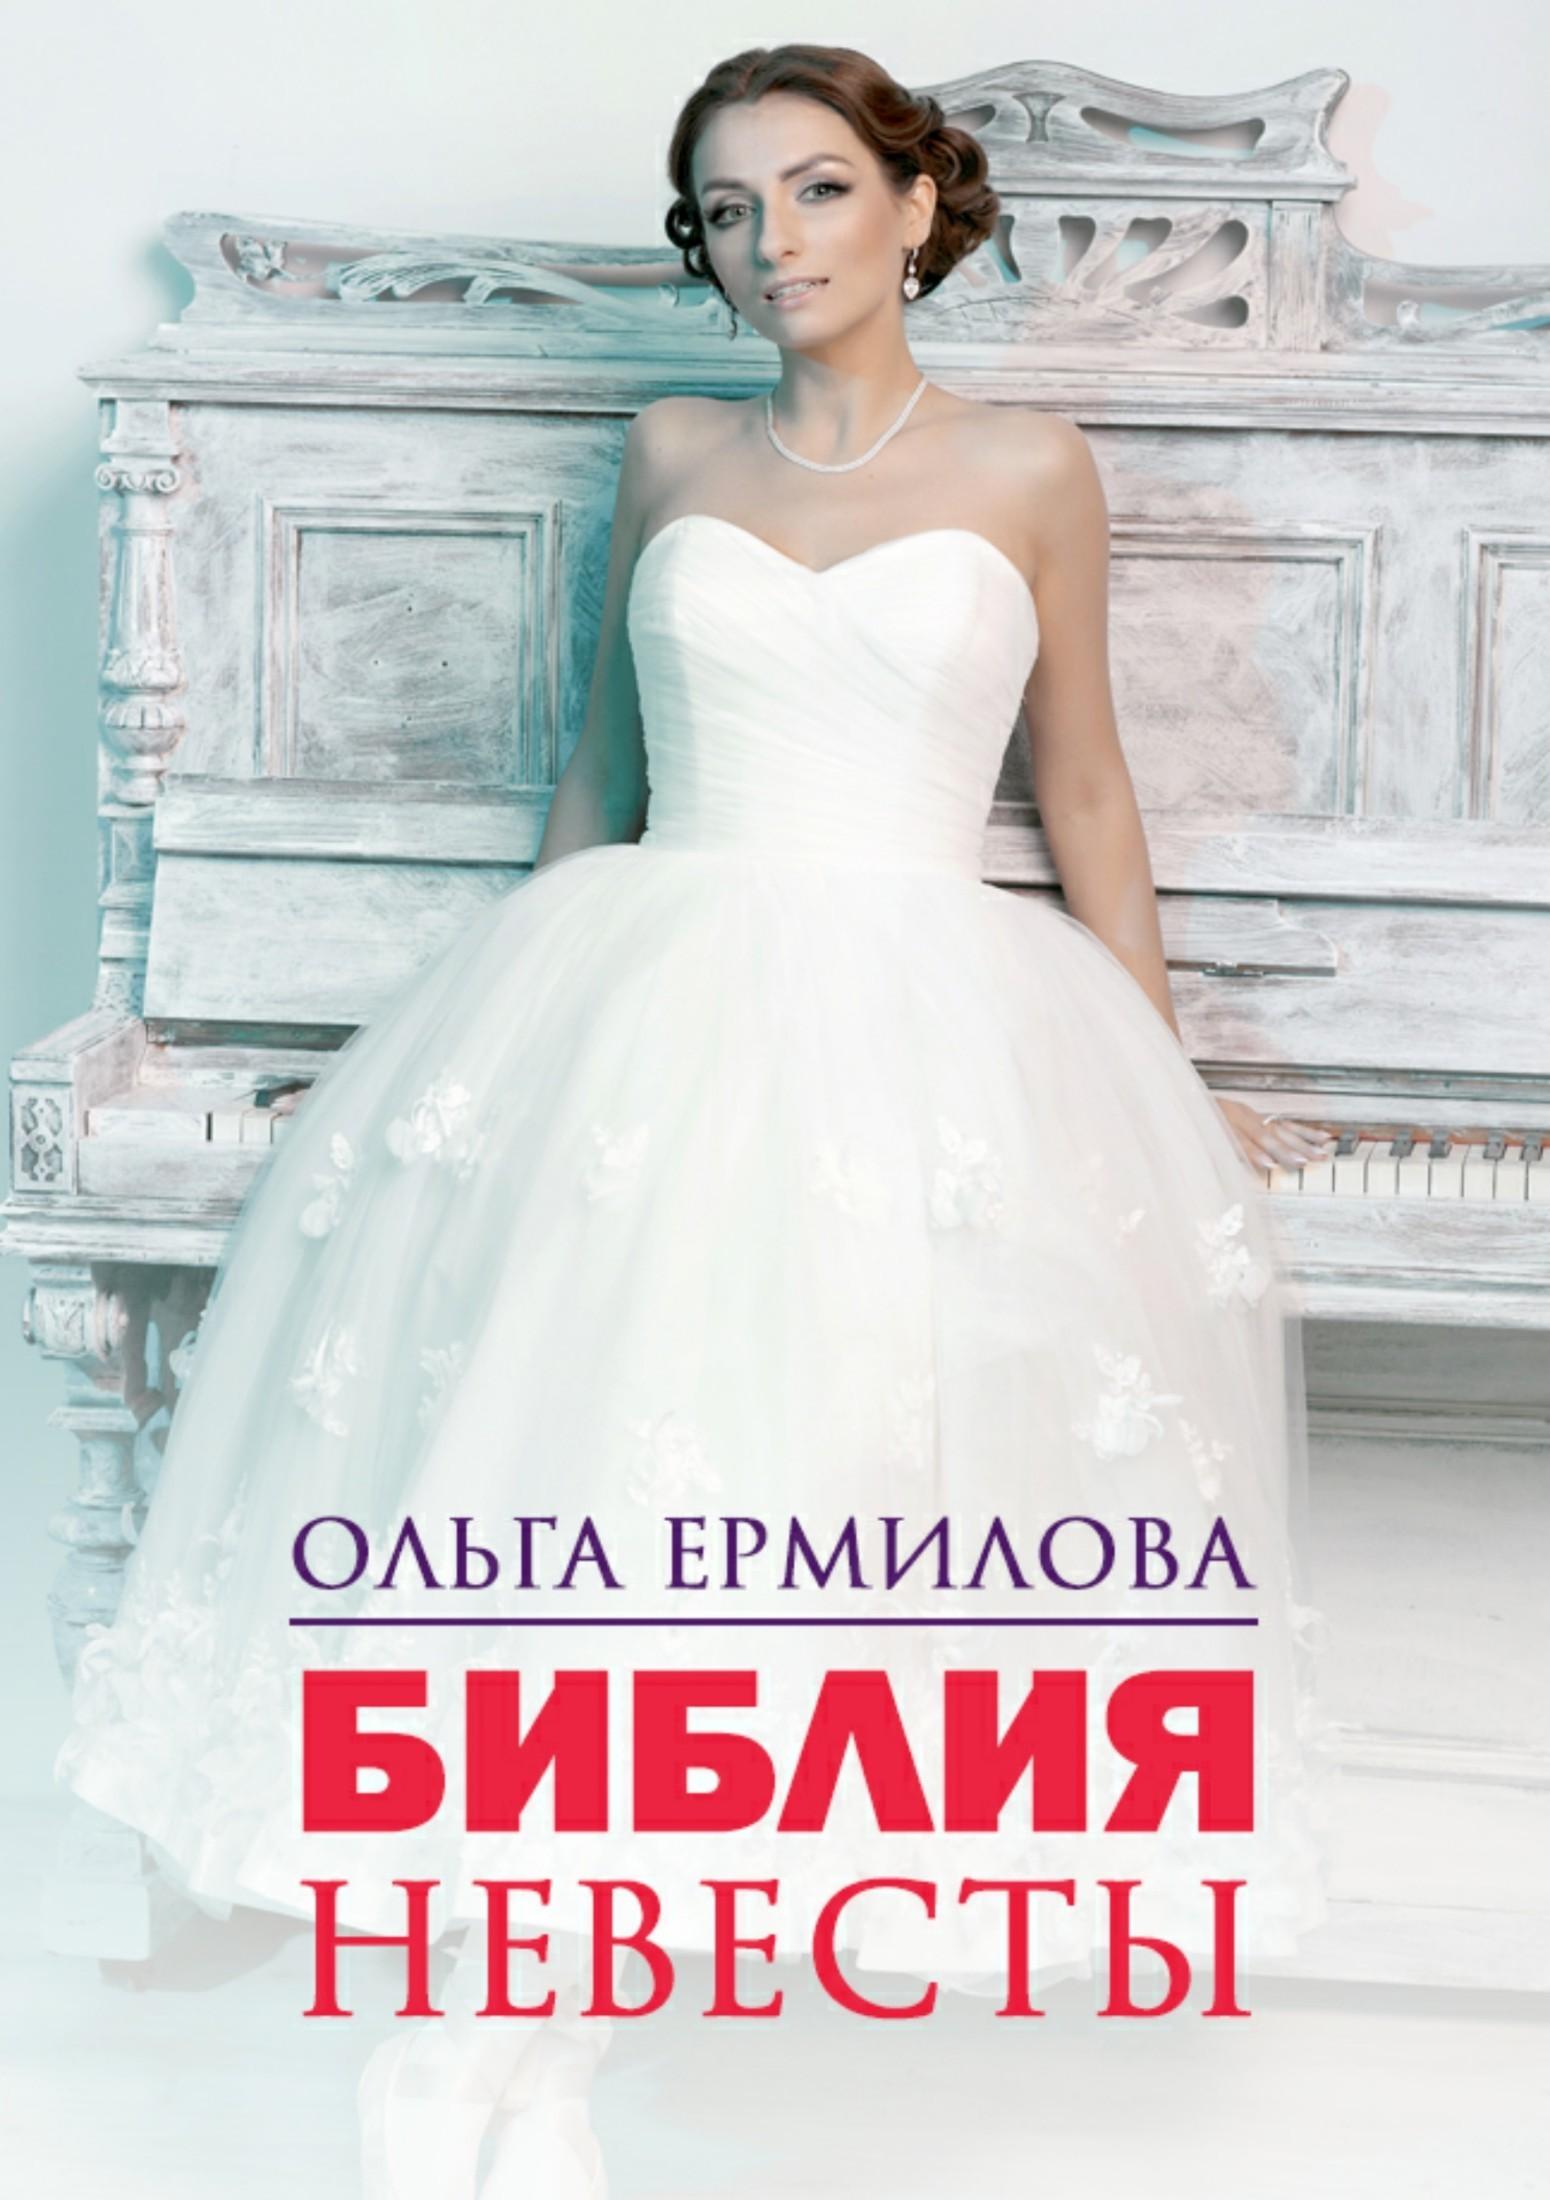 Ольга Борисовна Ермилова Библия Невесты призы для гостей на свадьбе